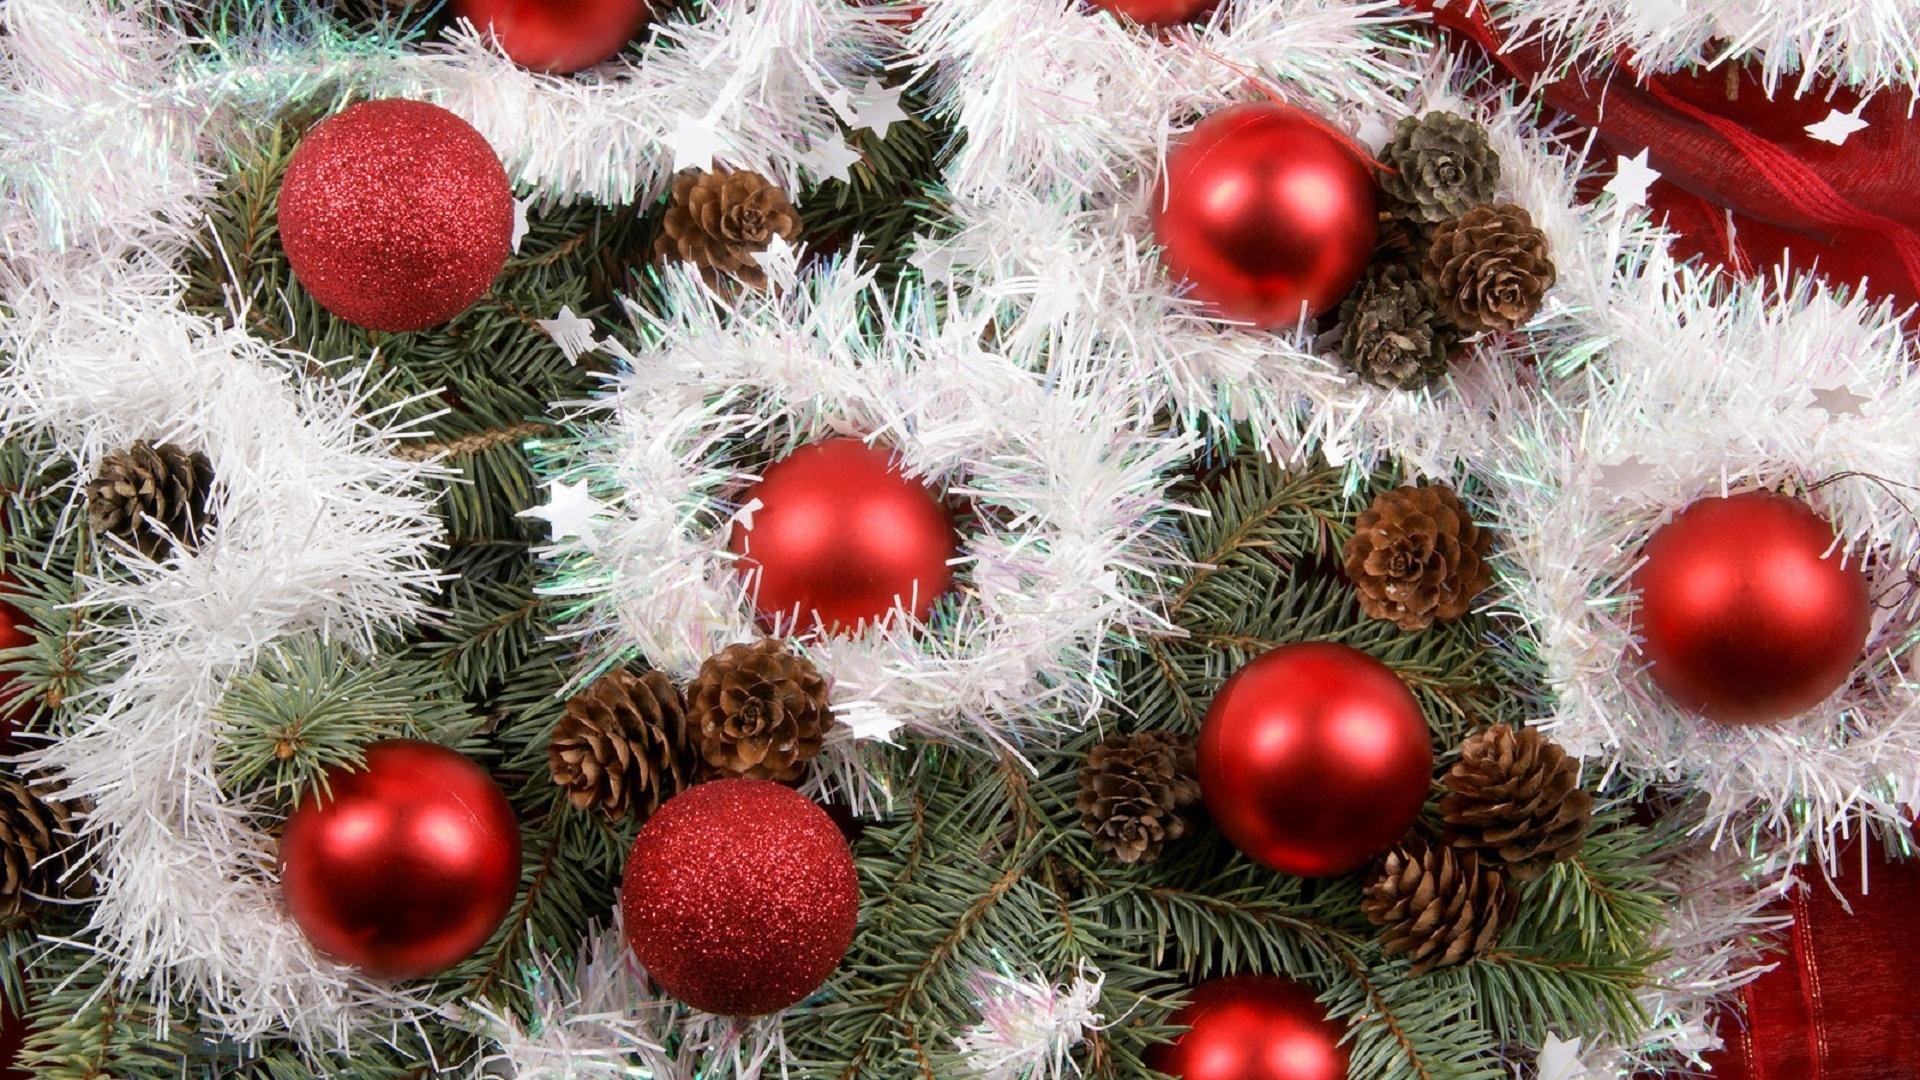 Козленком, новогодние елочки картинки на рабочий стол